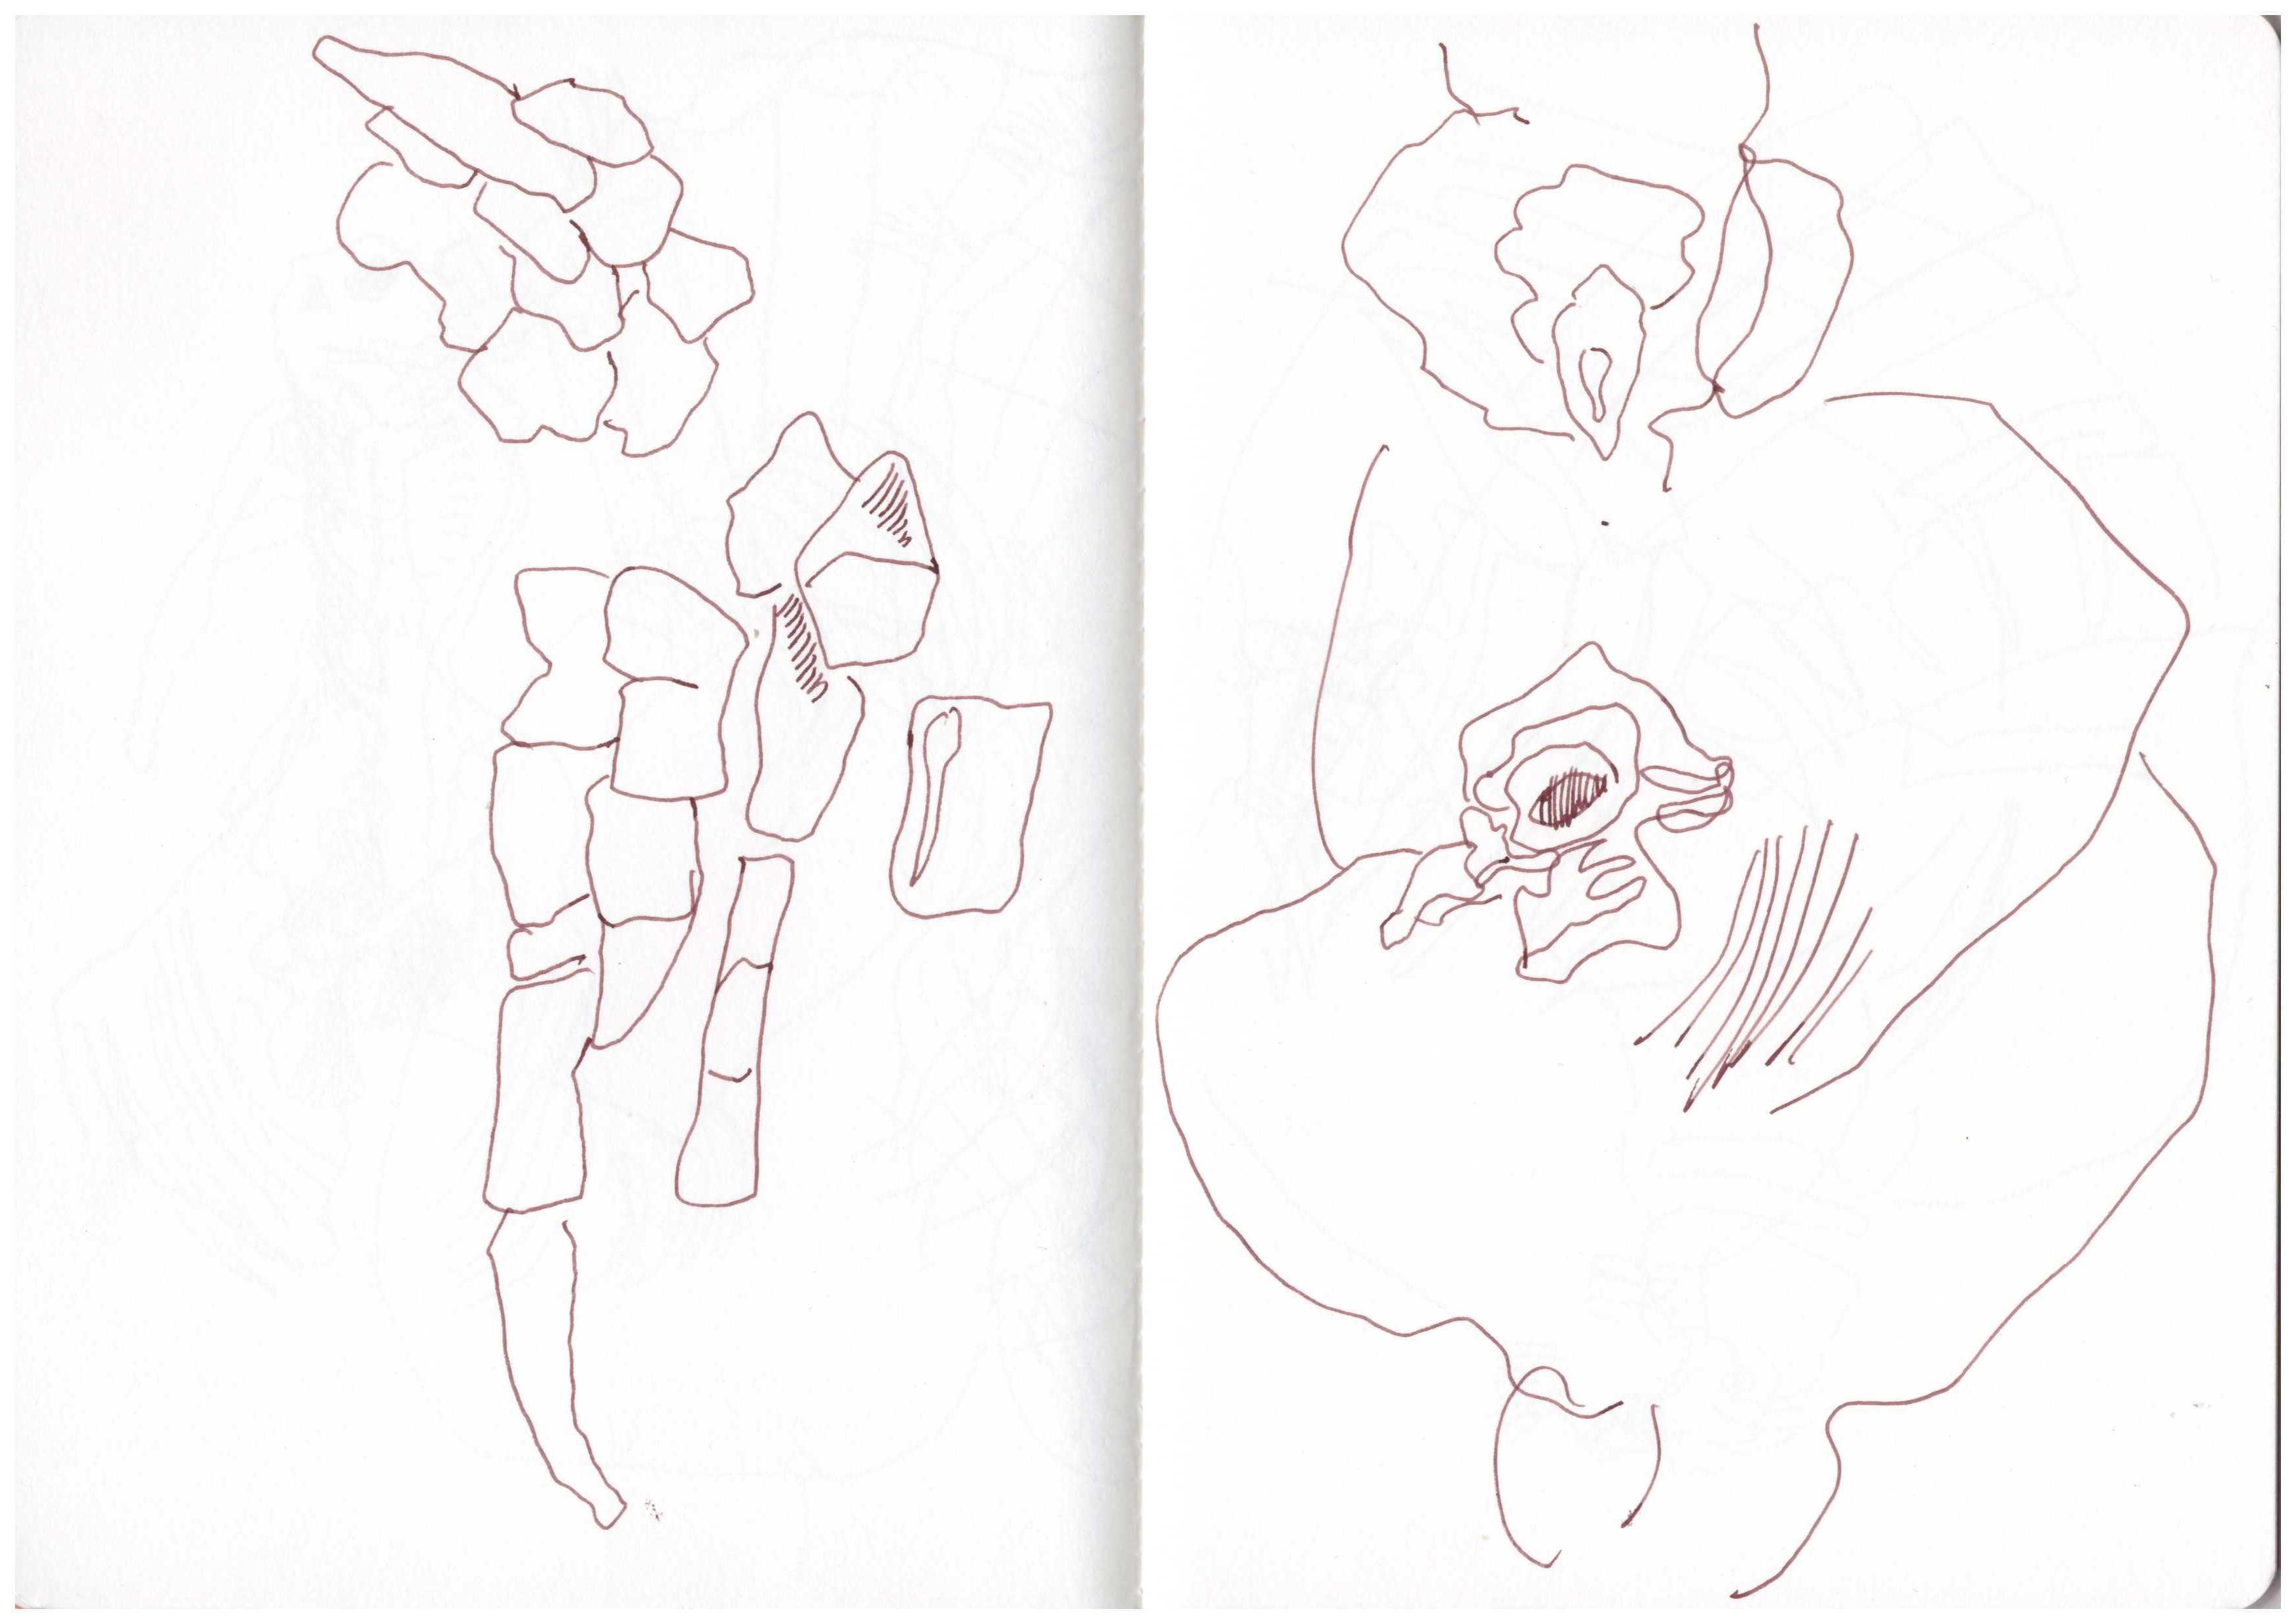 Pute und Truthahn - Zeichnung von Susanne Haun (c) VG Bild-Kunst , Bonn 2018